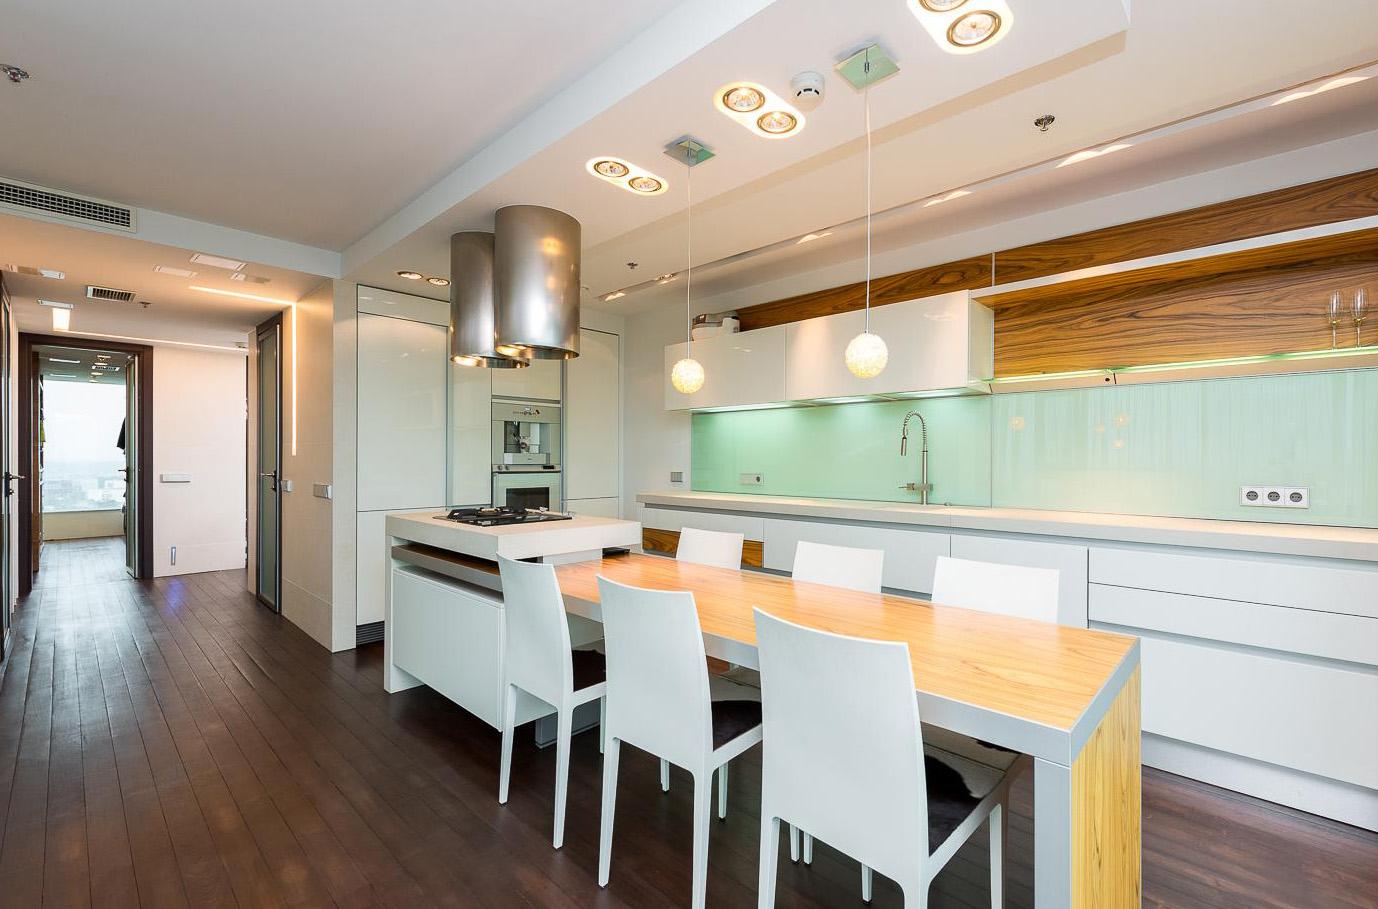 Geräumige moderne Küche mit exotischem Holz 5